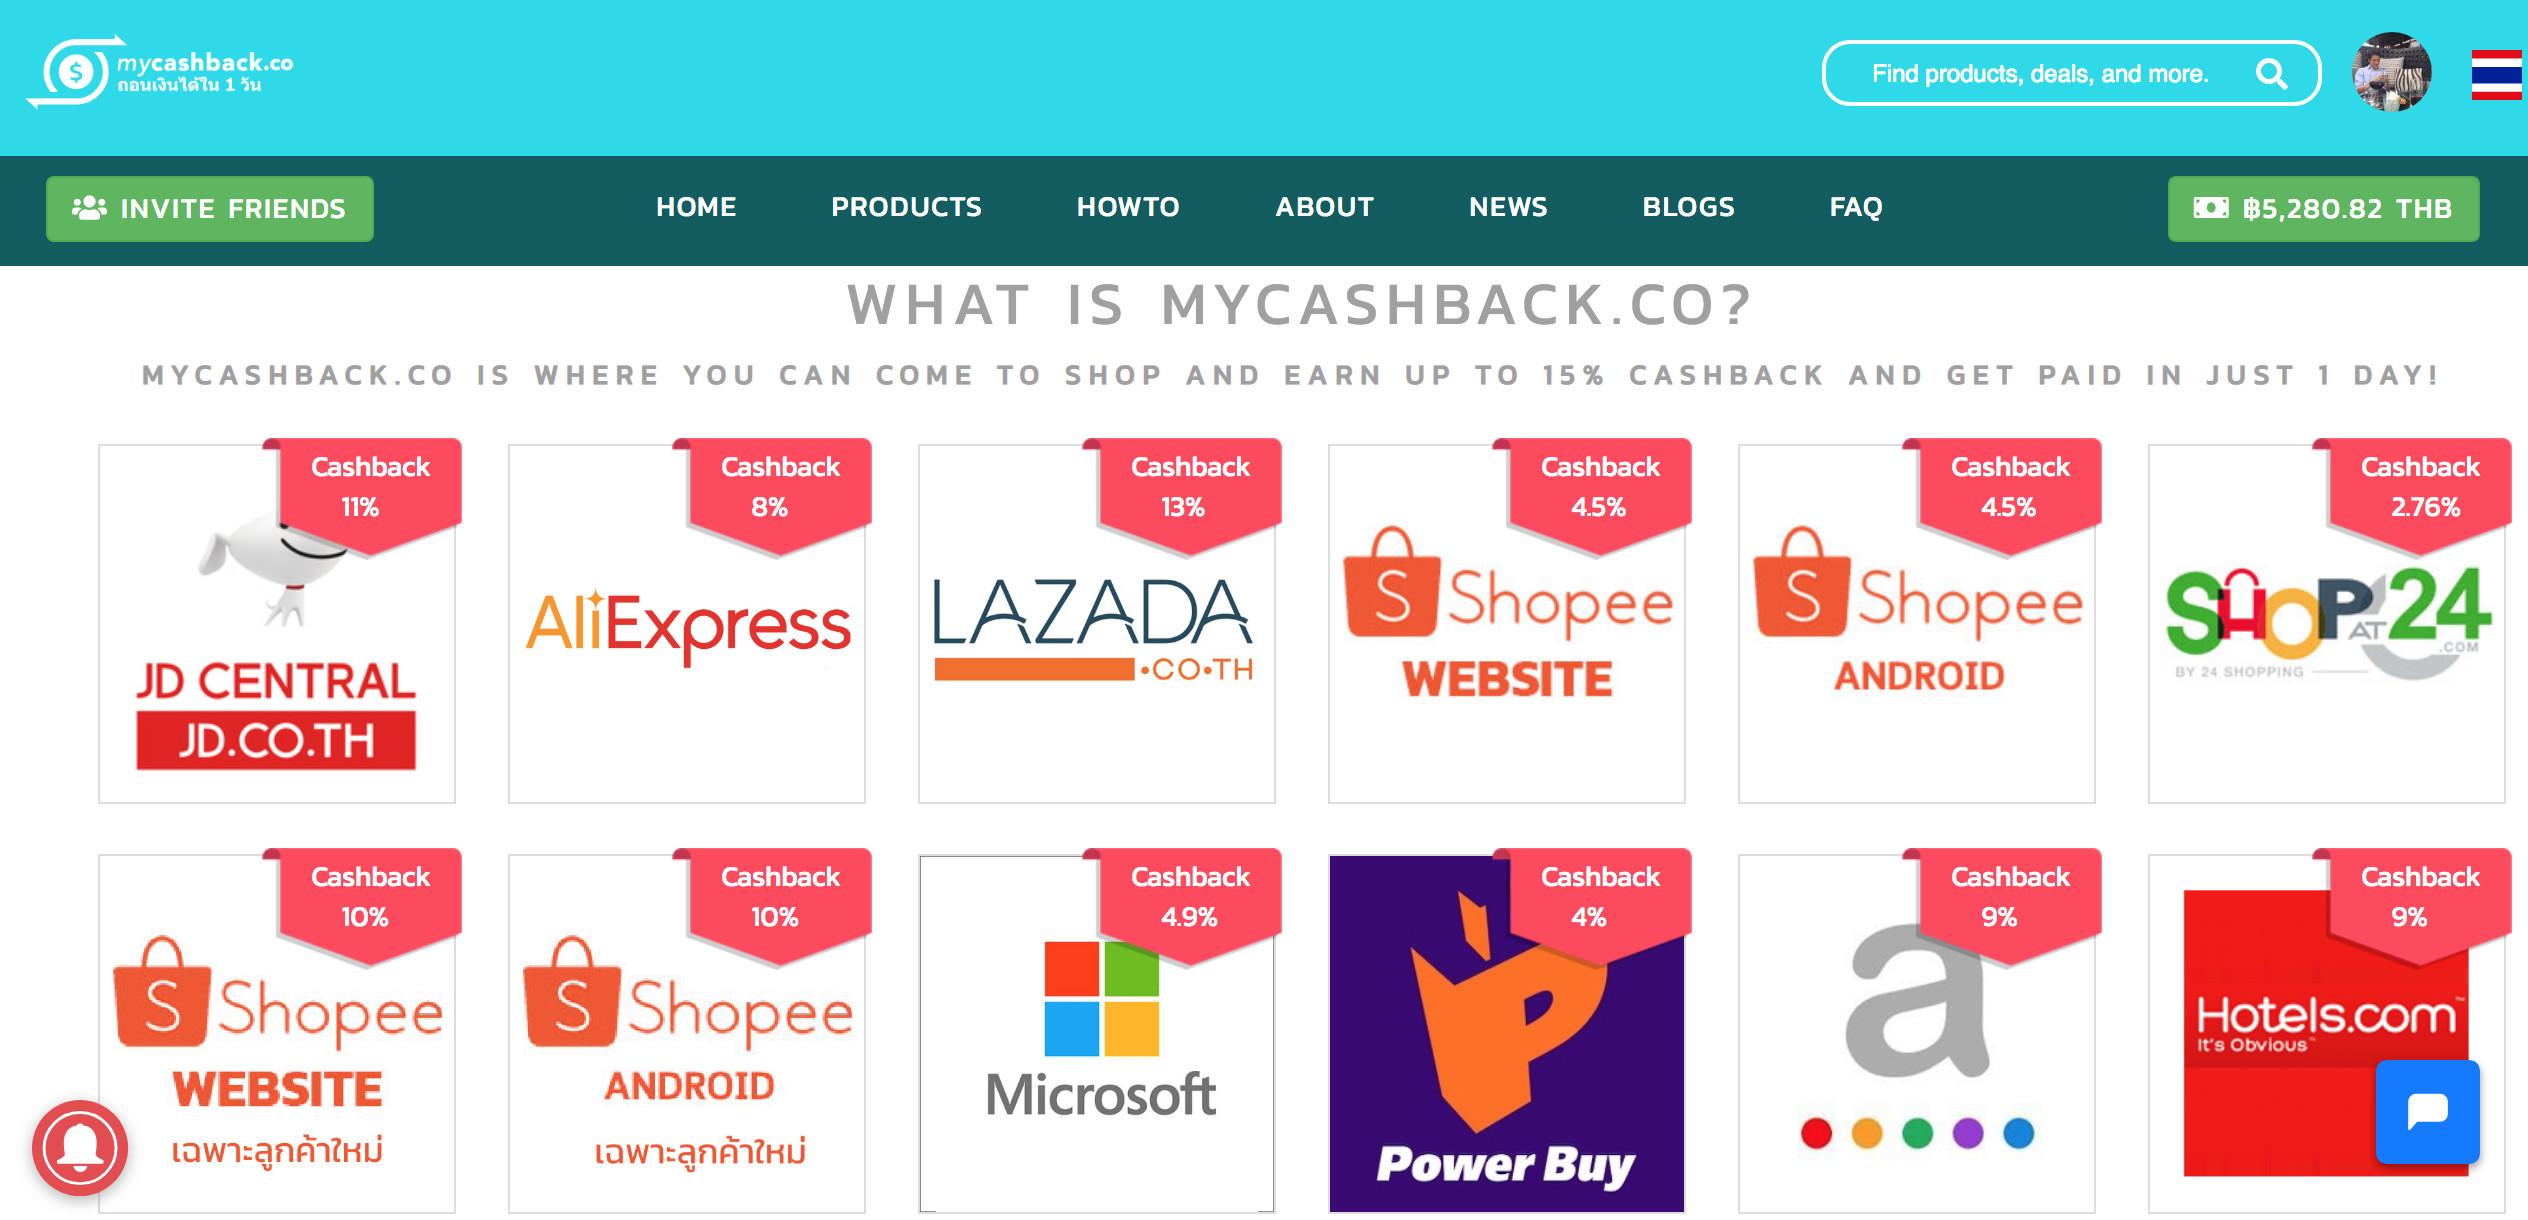 Mycashback.co